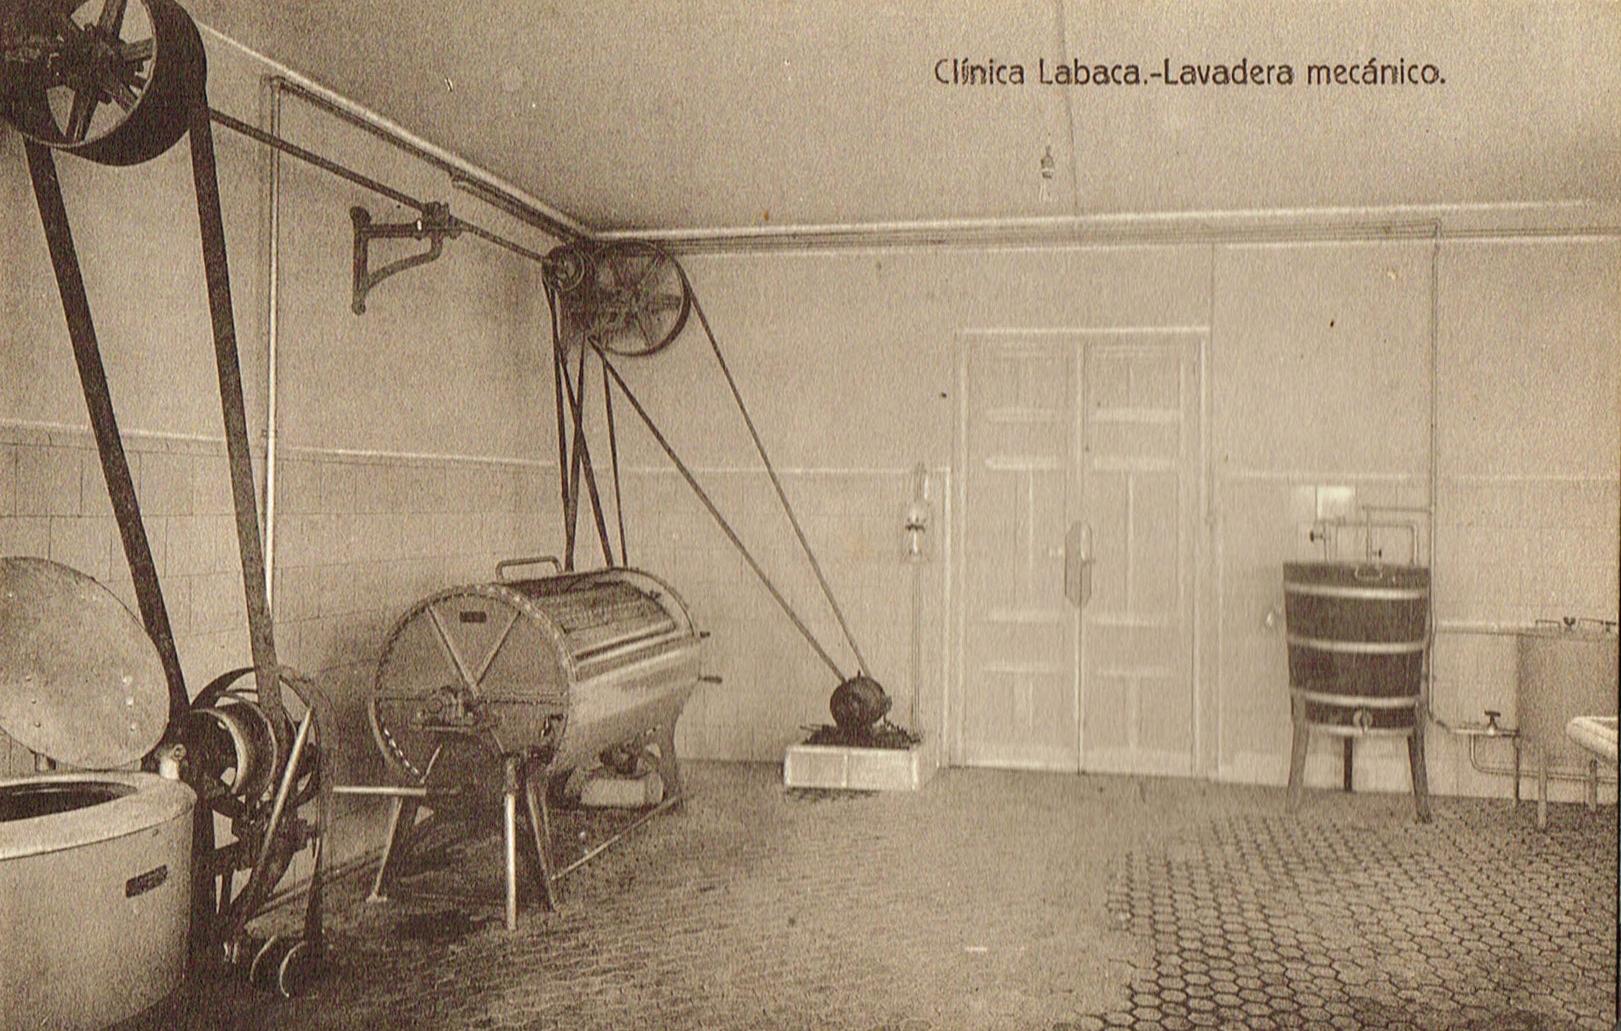 Clínica Labaca, lavadero